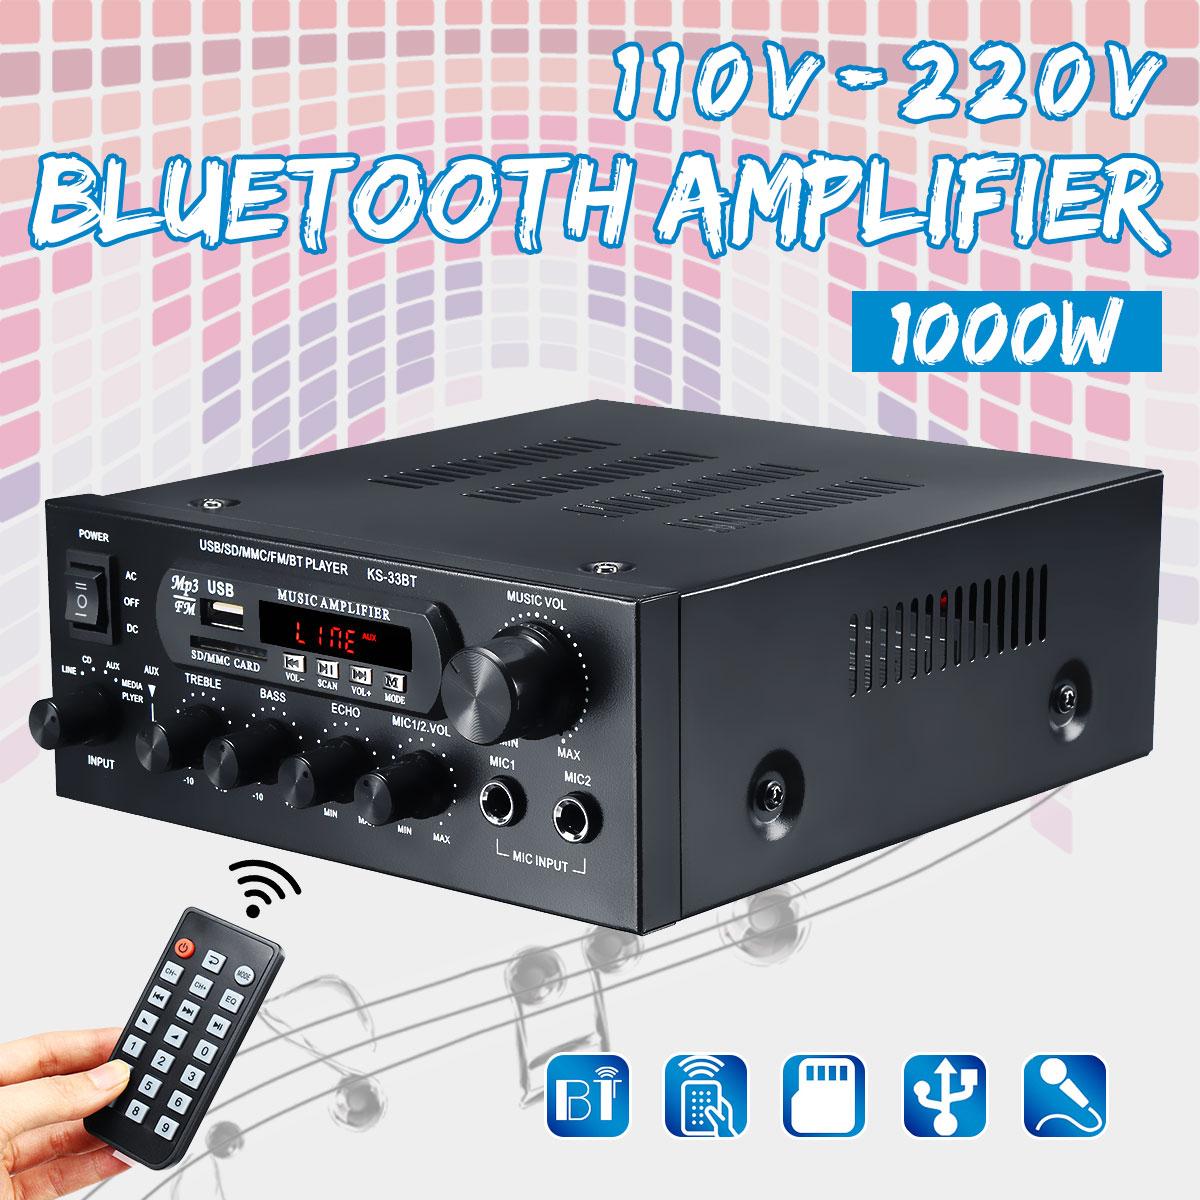 مكبرات صوت منزلية ، مضخم صوت جهير عالي الدقة ، 110 فولت ~ 230 فولت ، 1000 واط ، للمسرح المنزلي